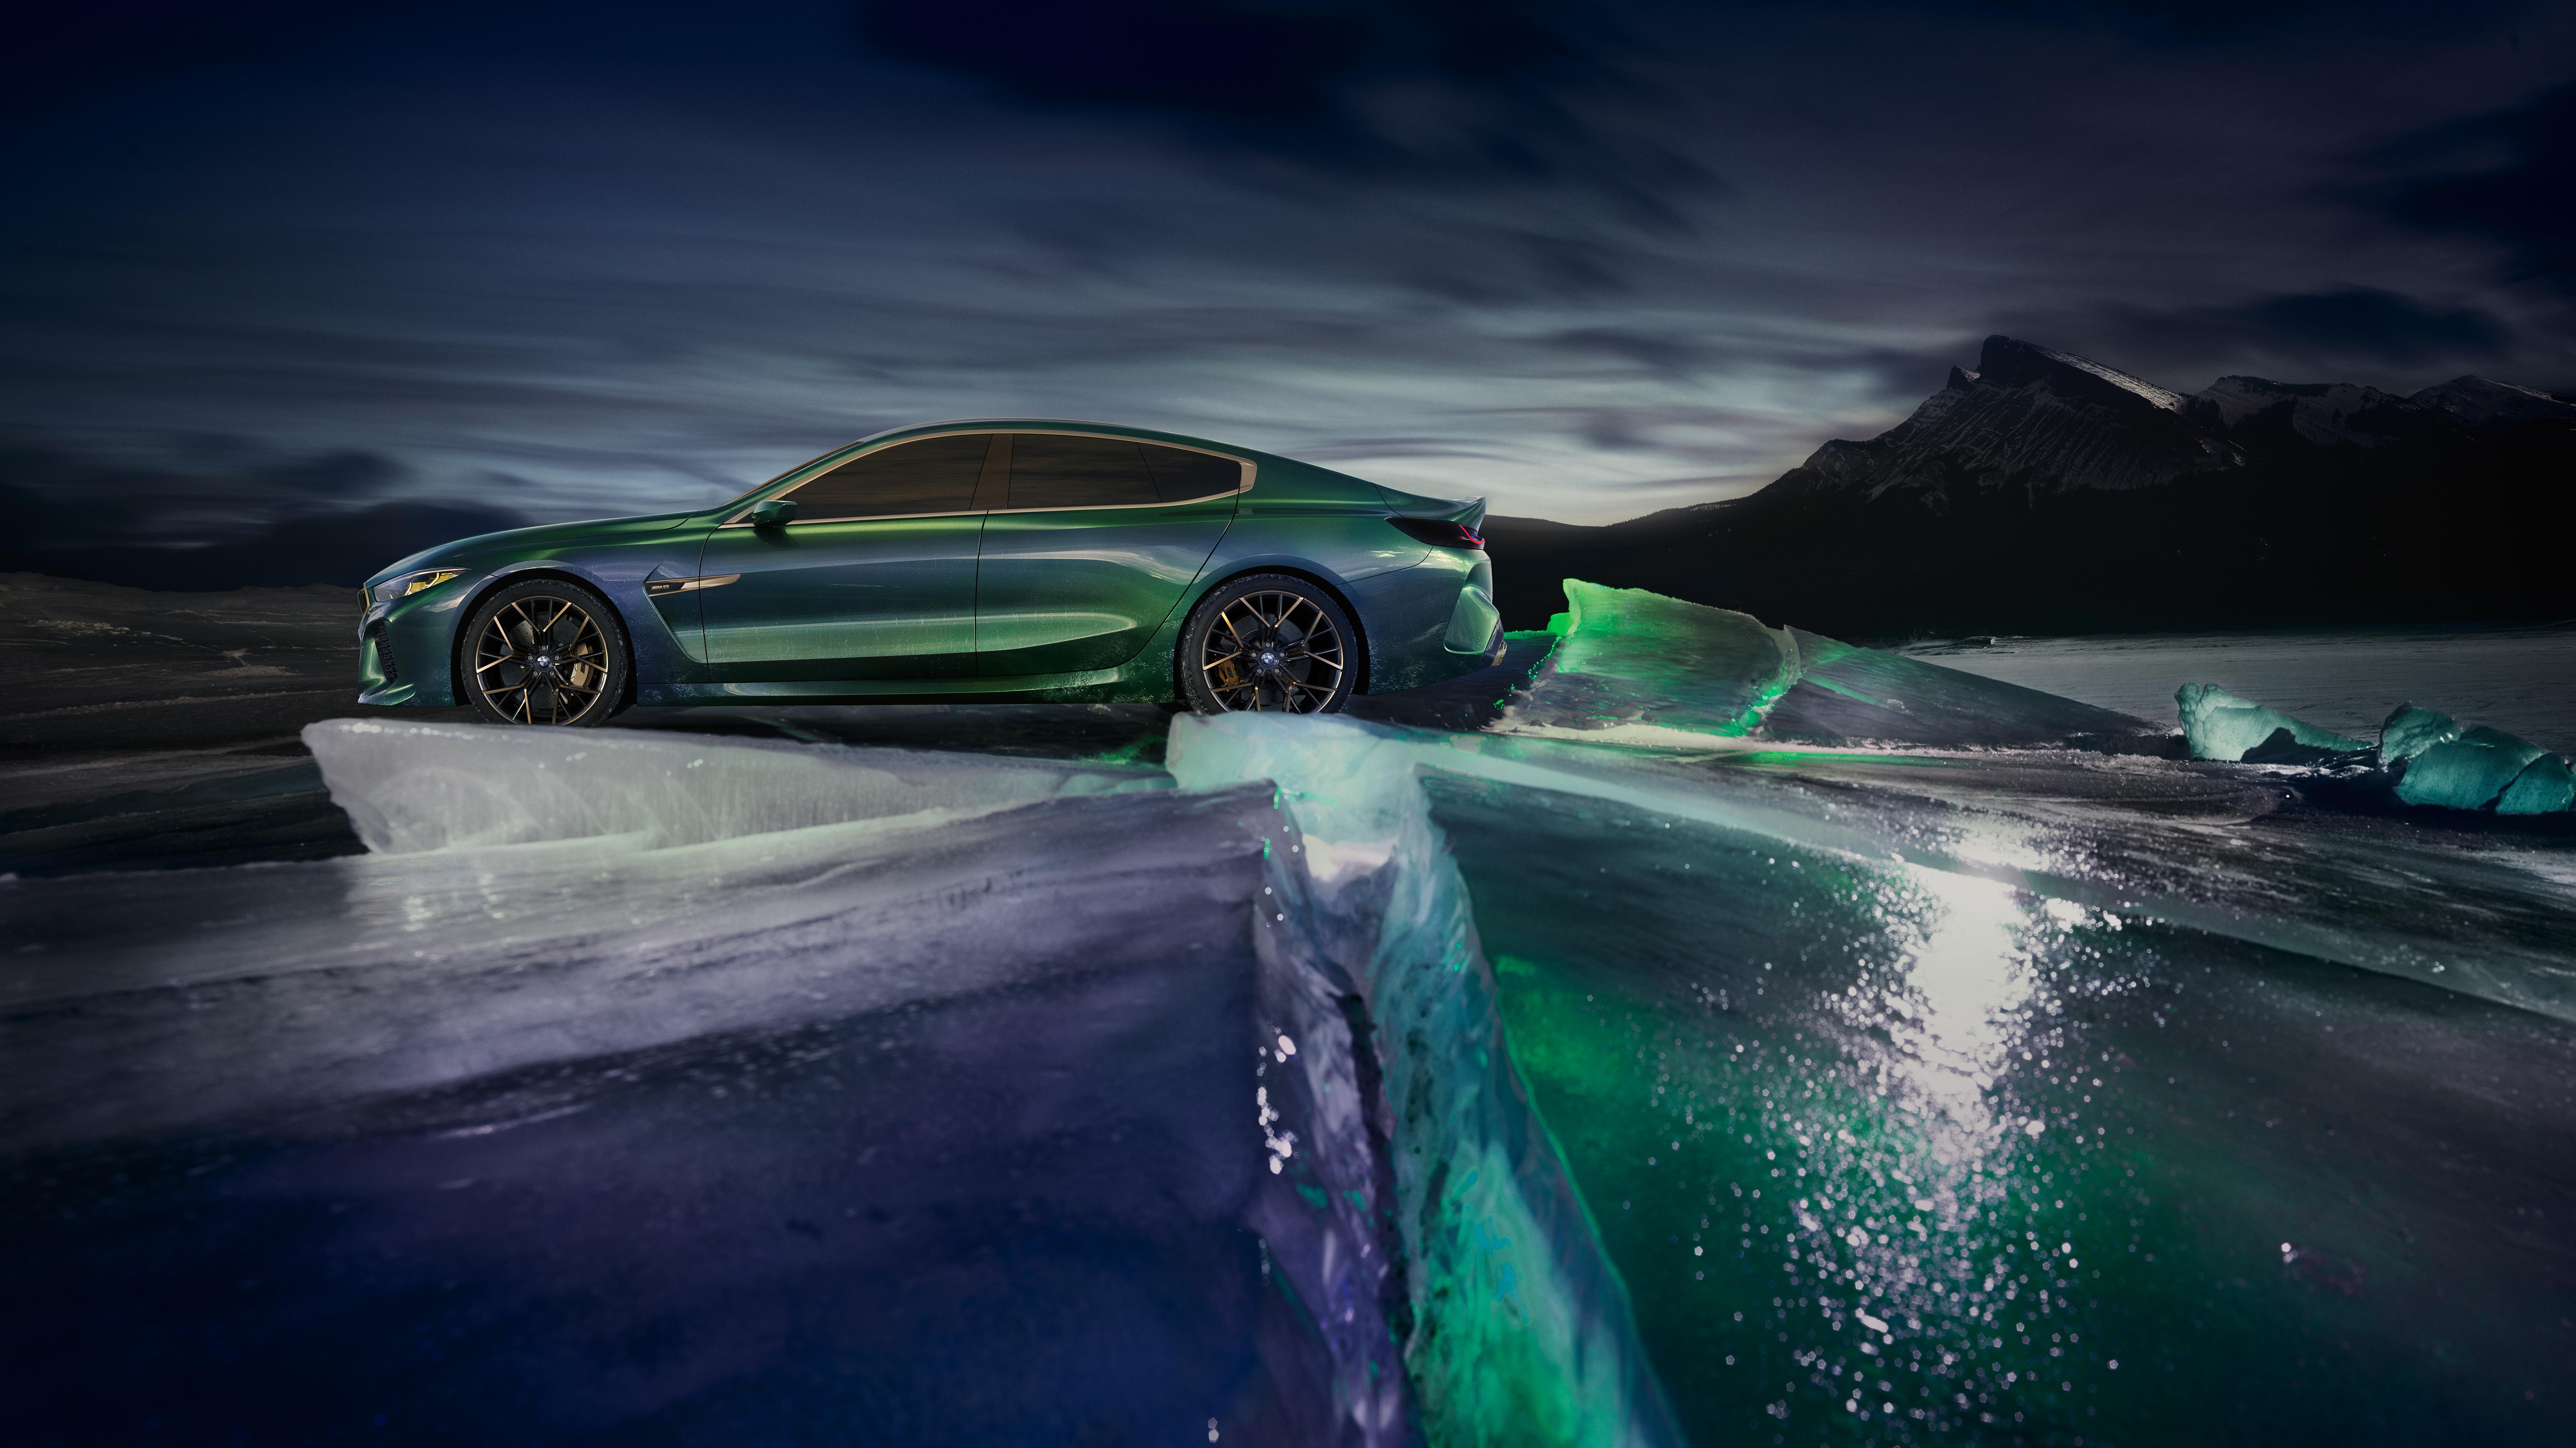 BMW M8 Gran Coupe 5k Retina Ultra HD Wallpaper ...